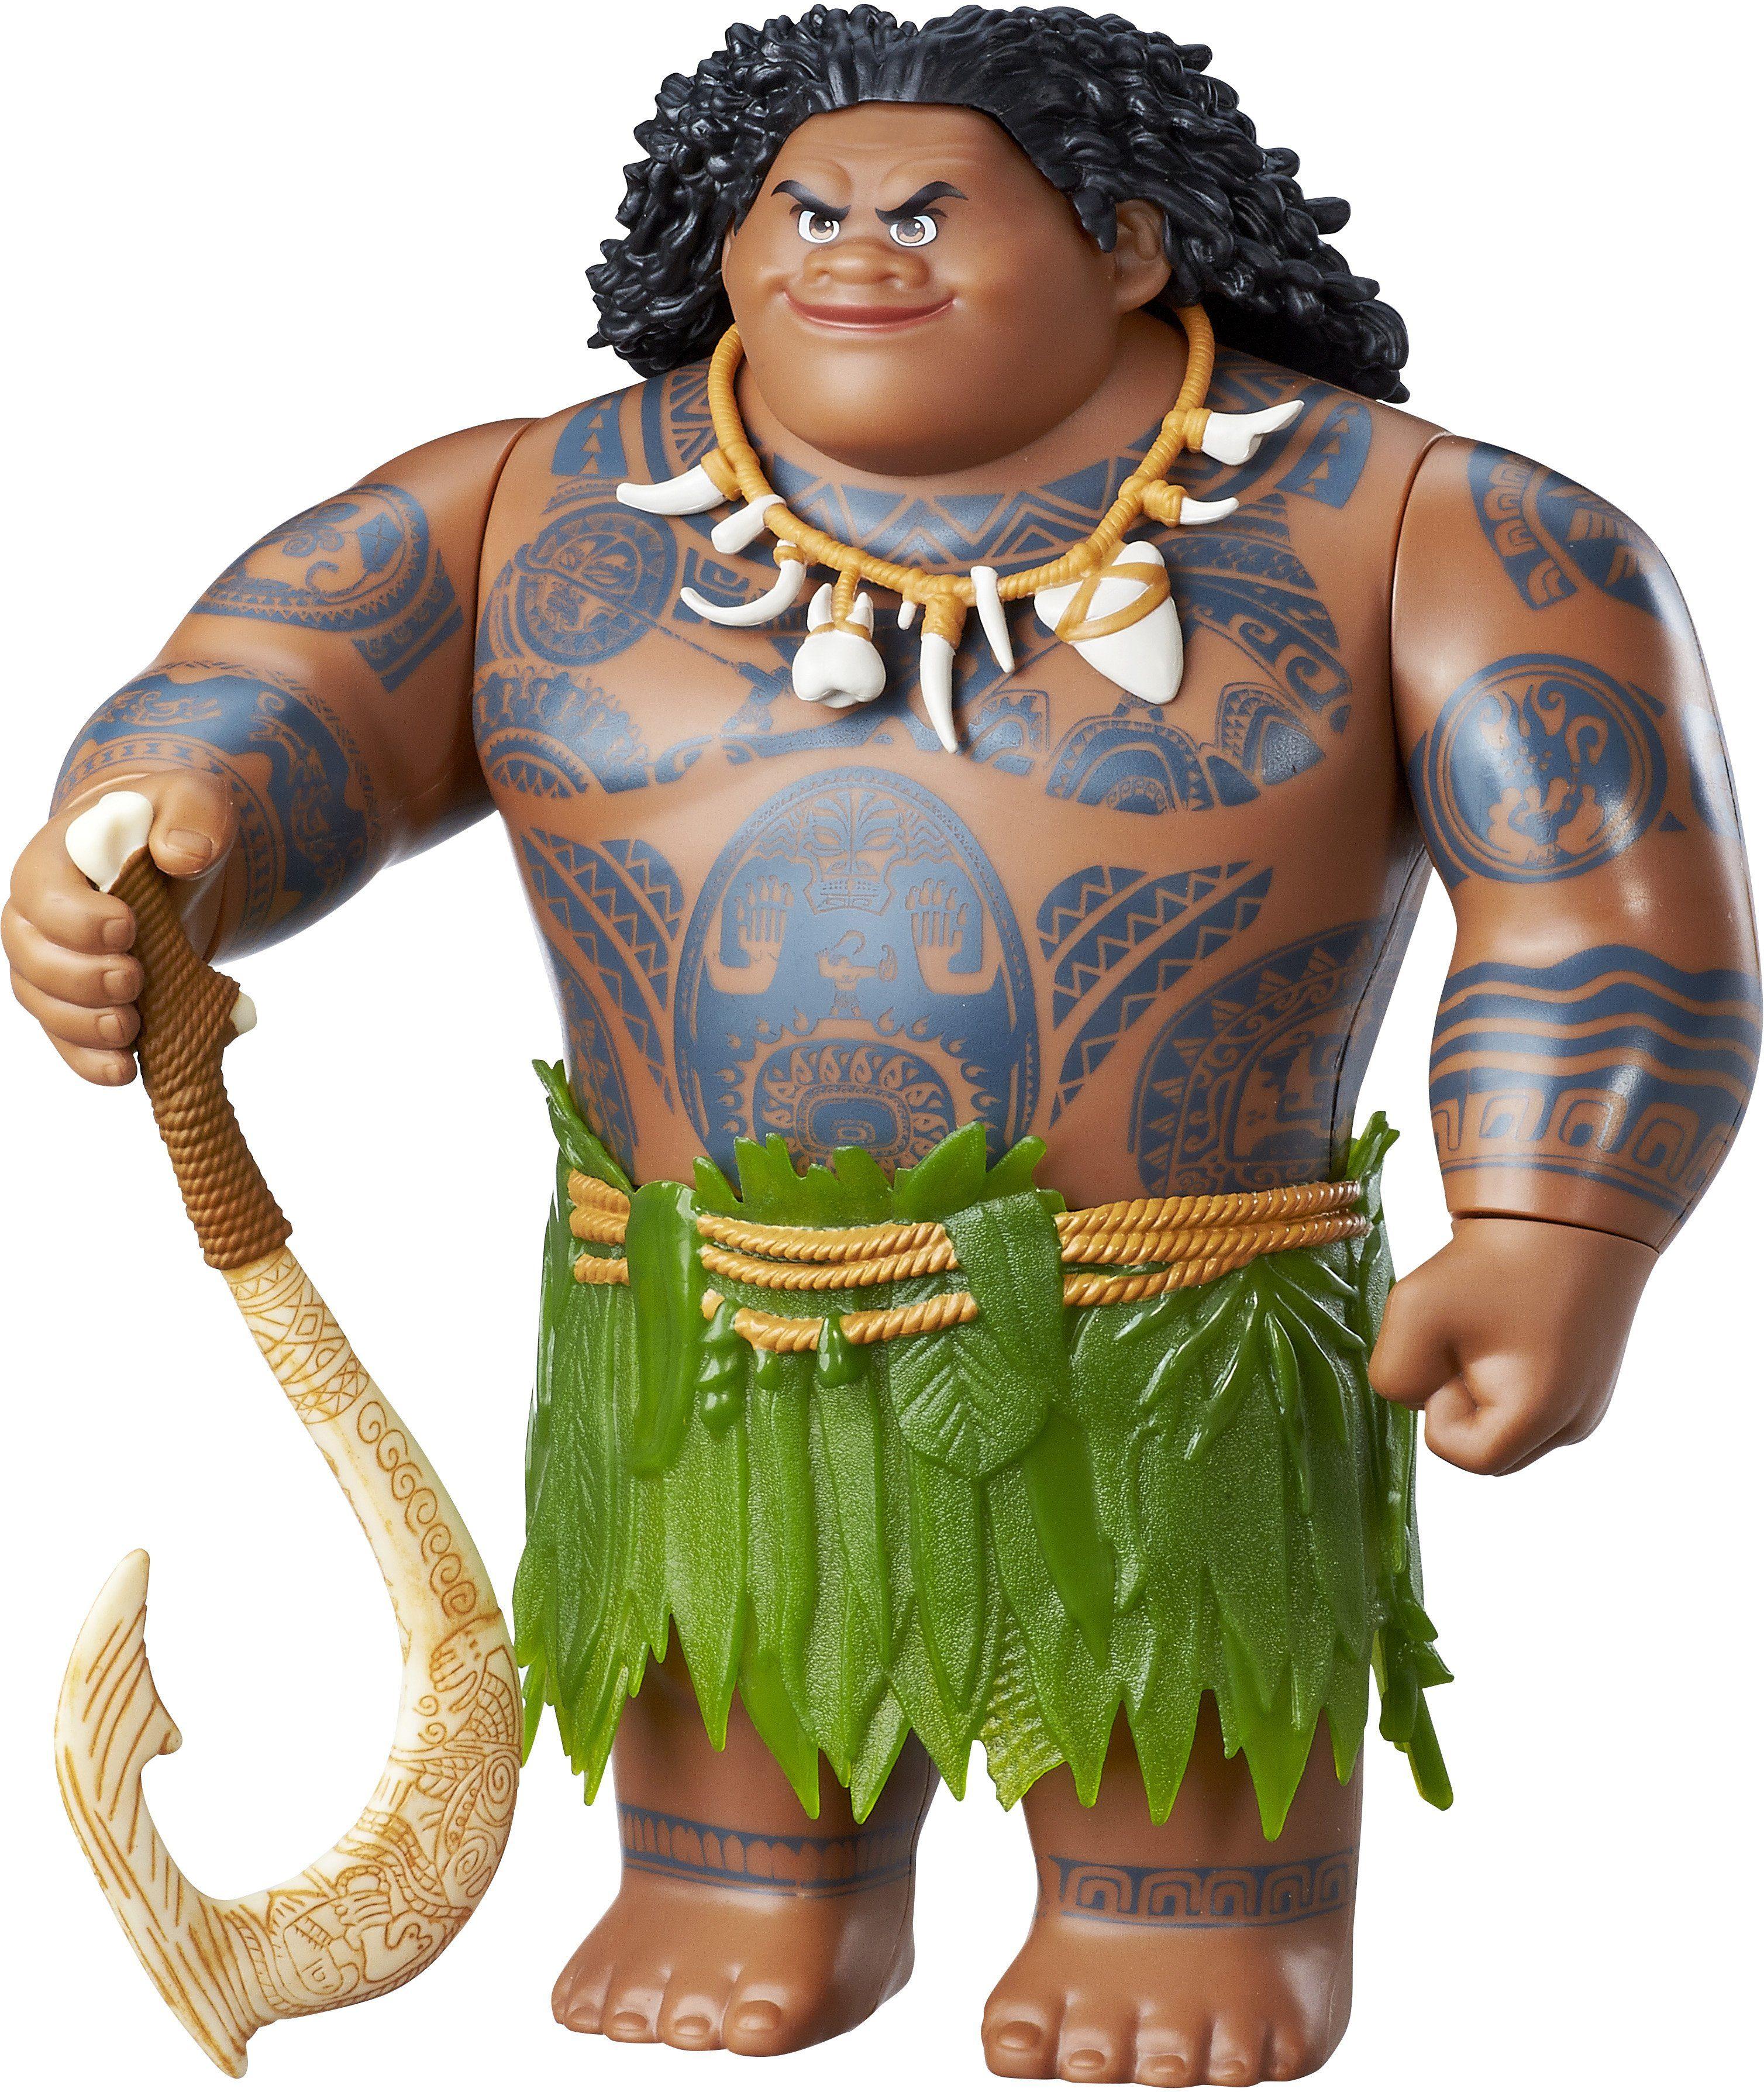 Hasbro Spielfigur, »Vaiana Halbgott Maui«